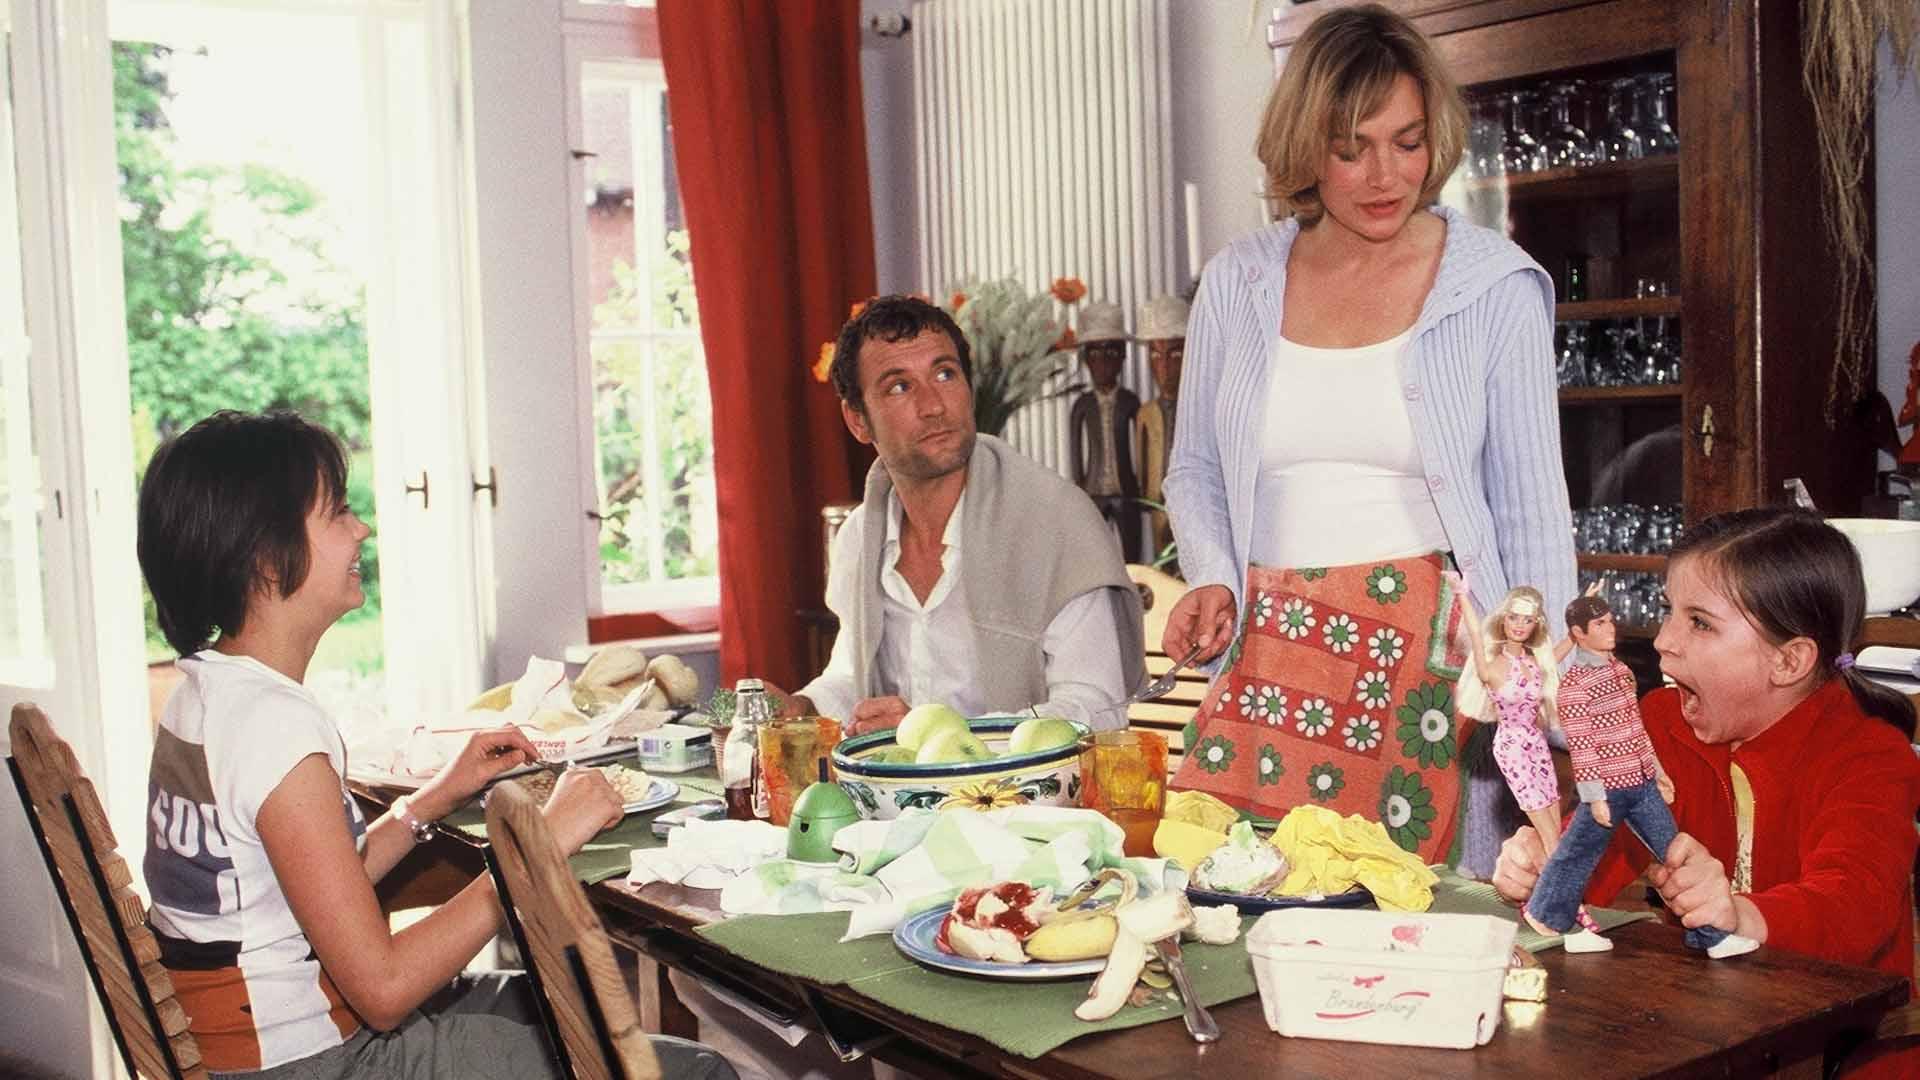 Ehefrau Film Ehemann heimlich Frau in